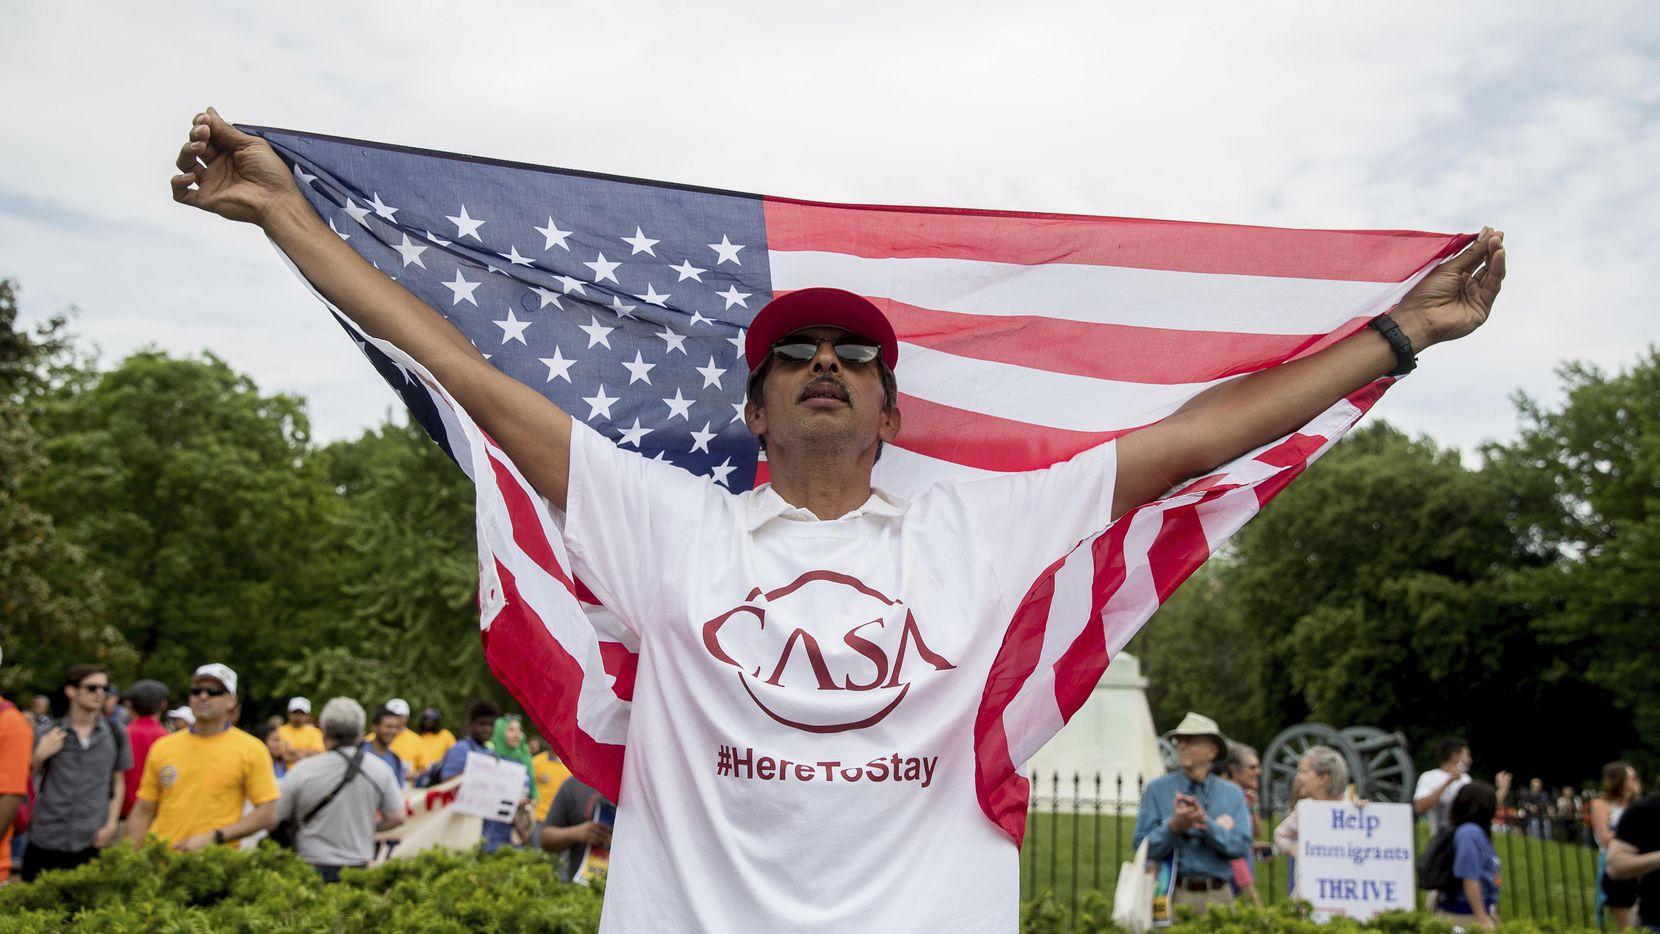 Alejandro Ángeles, de Greenbelt, Maryland, levanta una bandera norteamericana mientras que se une a un grupo de manifestantes afuera de la Casa Blanca en contra del presidente Donald Trump. (AP/ANDREW HARNIK)